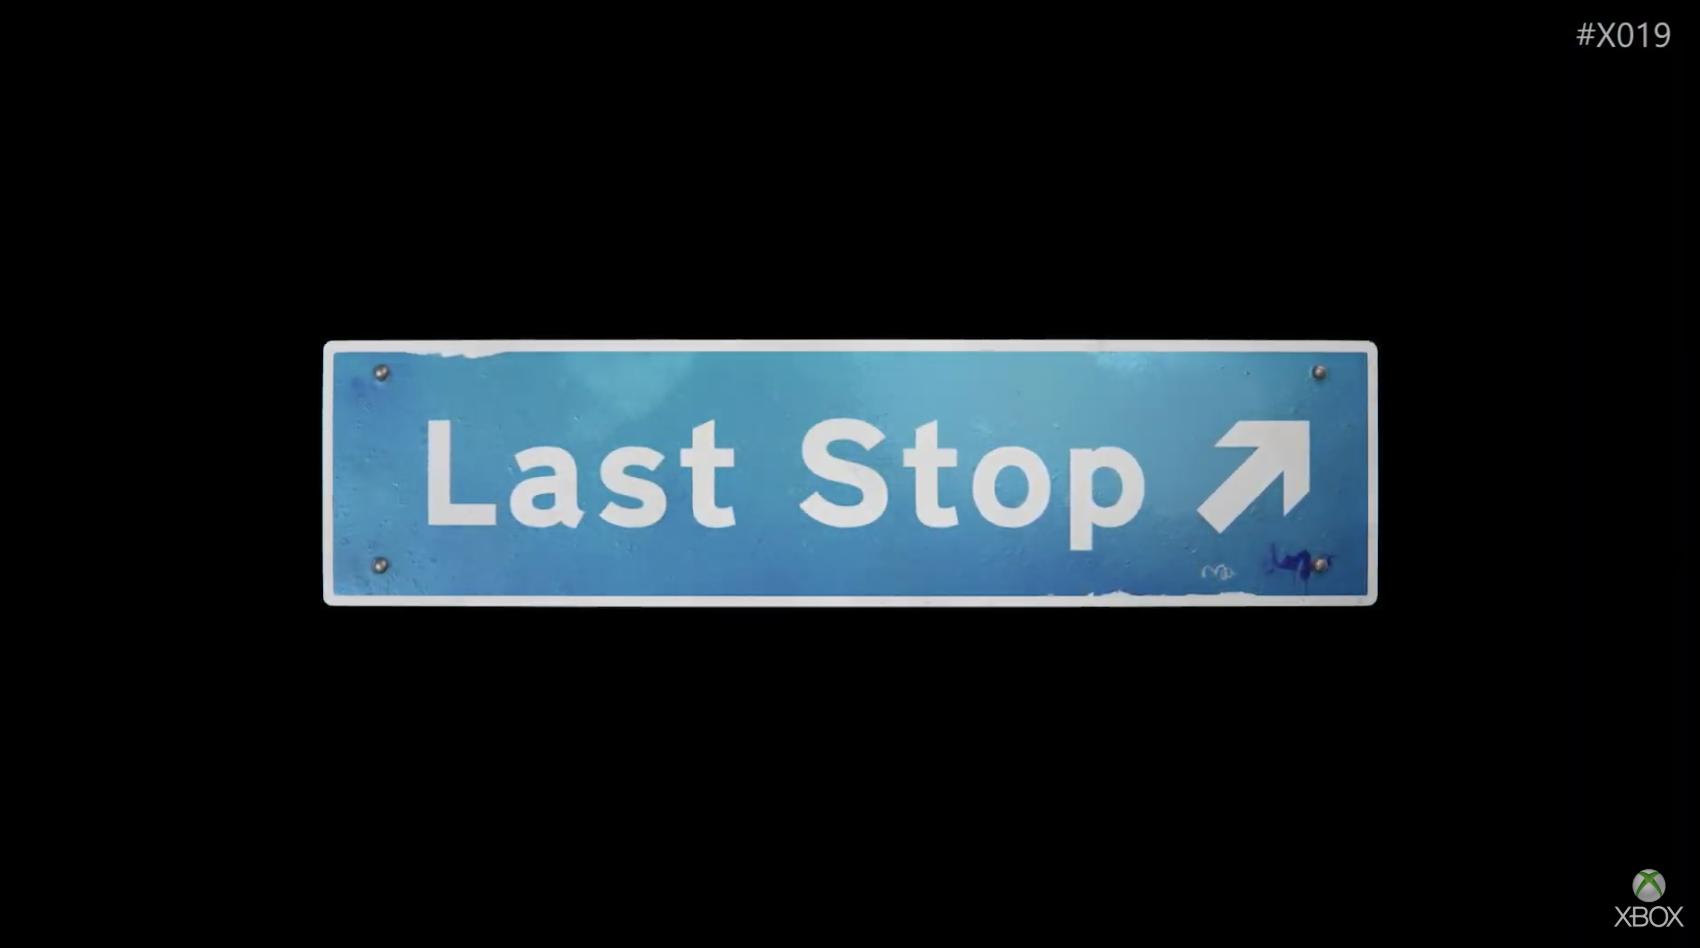 x019-last-stop